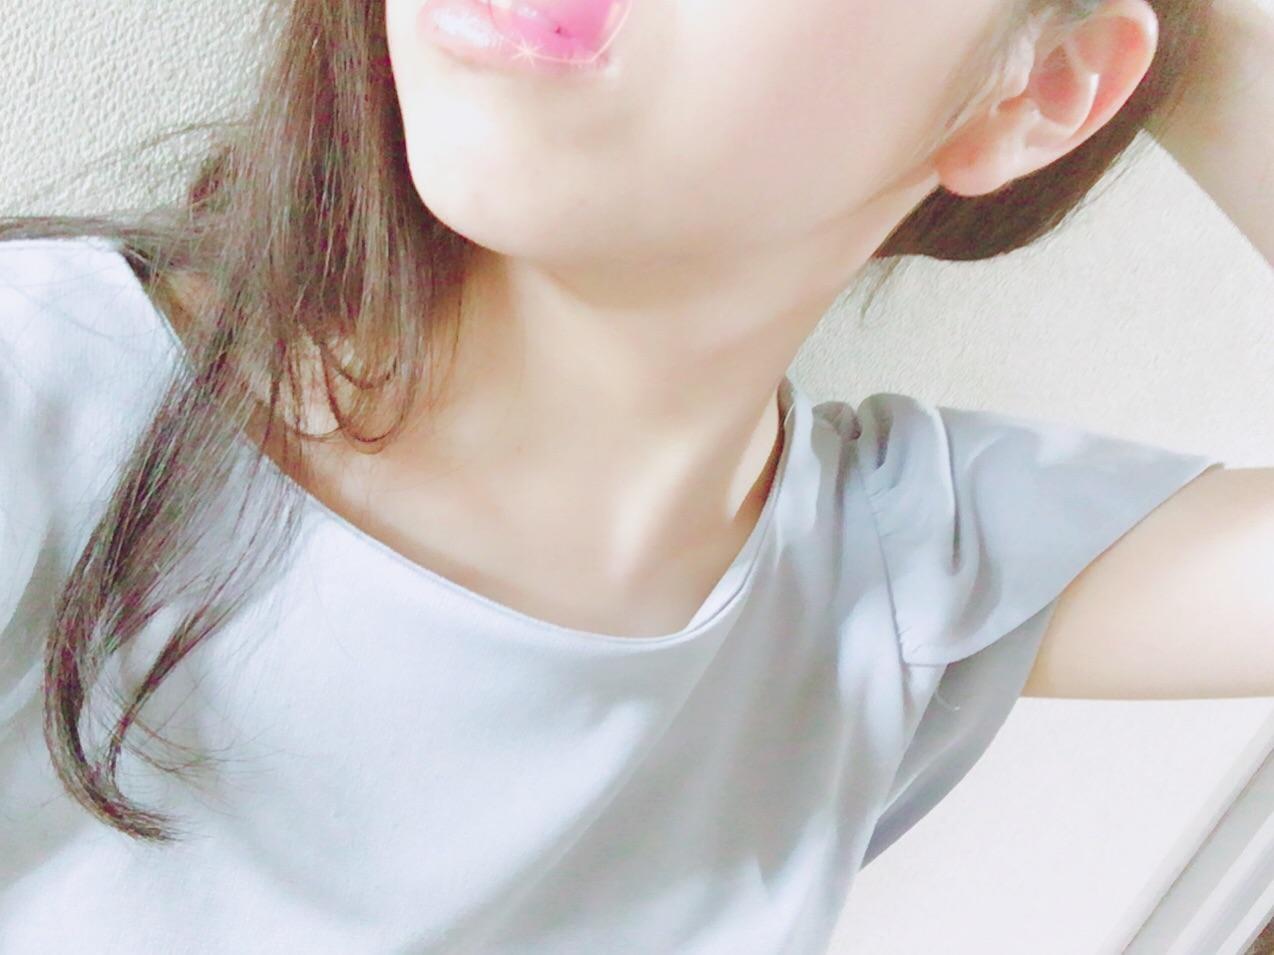 「こんばんは」09/14(09/14) 18:46   このみの写メ・風俗動画